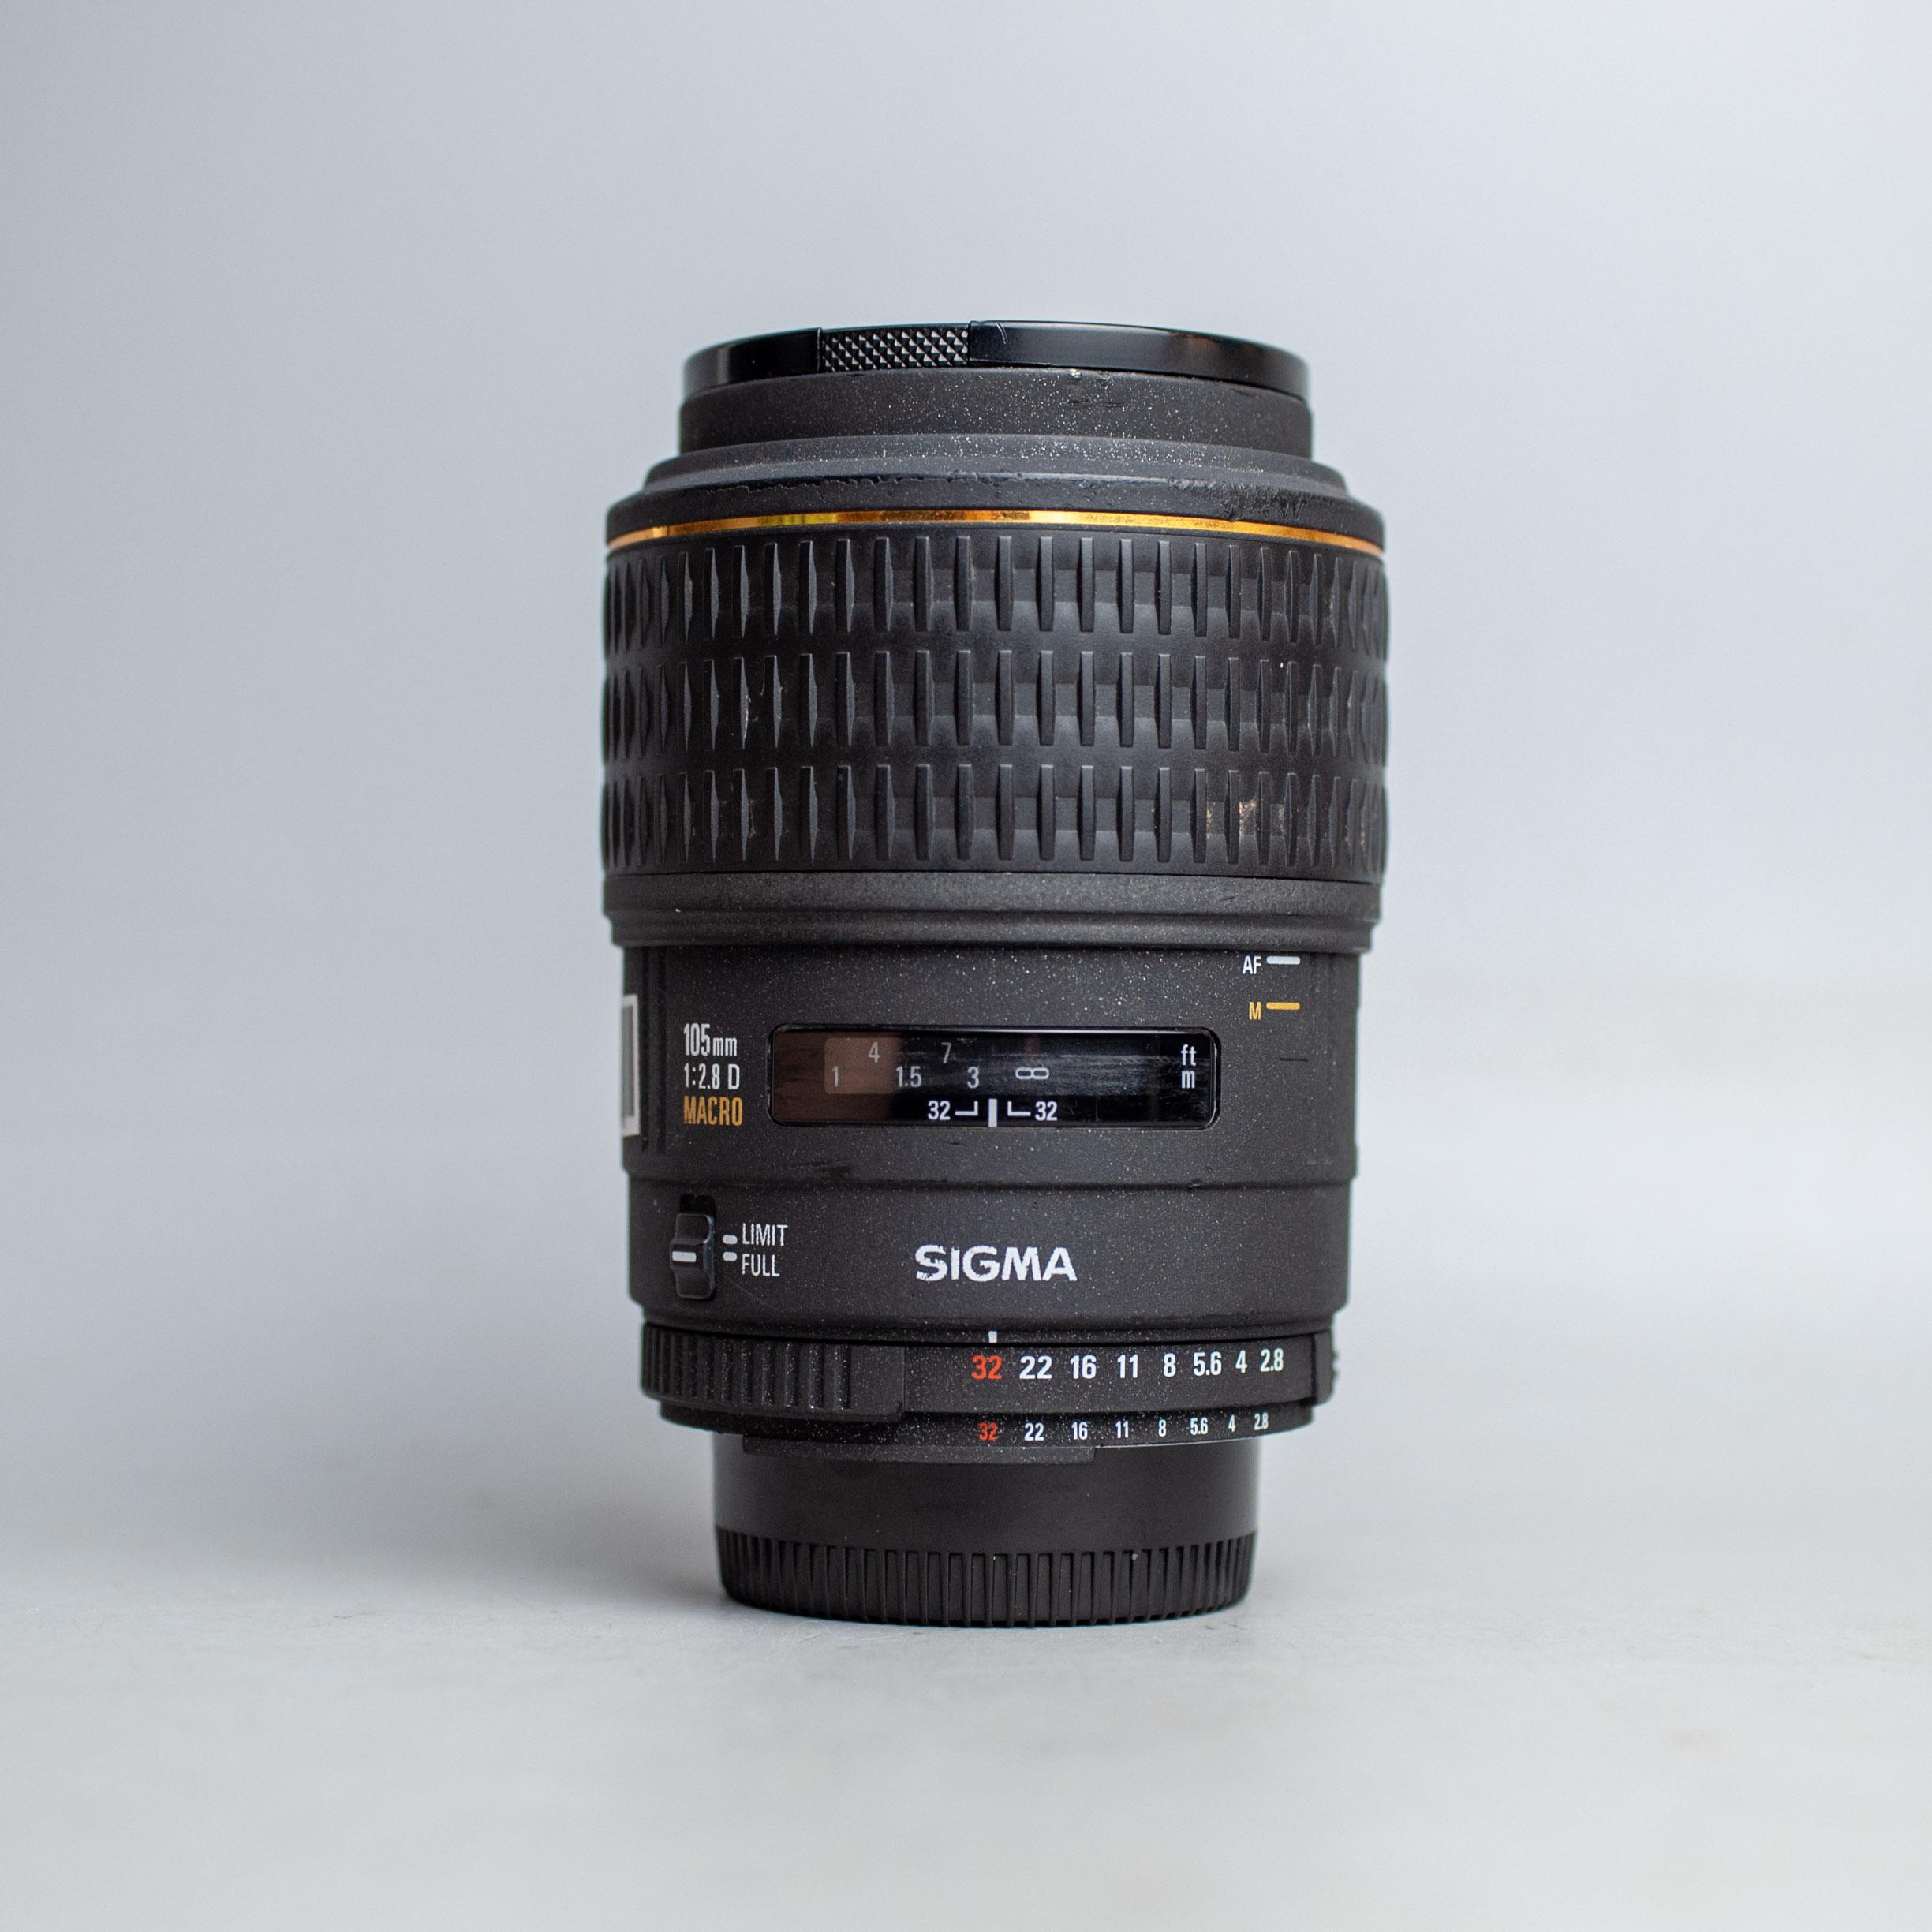 sigma-105mm-f2-8-d-af-macro-1-1-af-for-nikon-105-2-8-17952